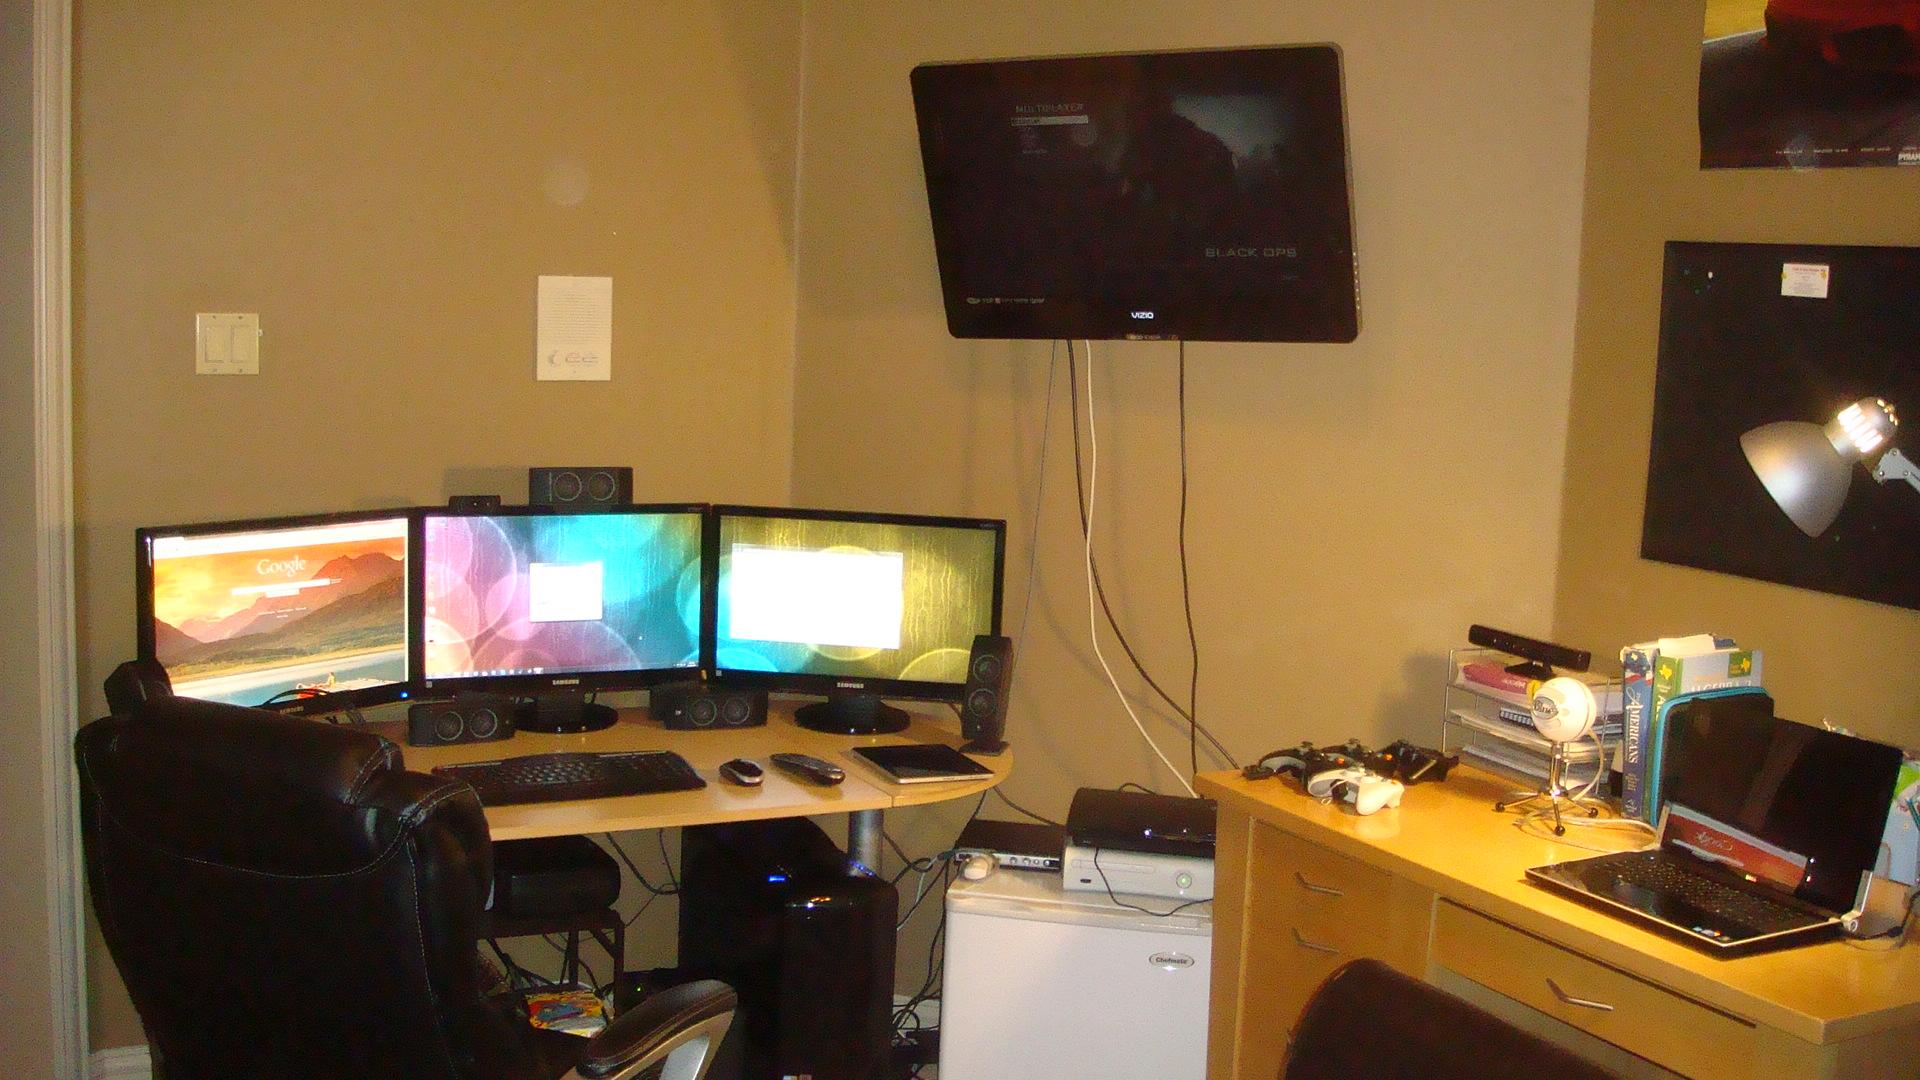 xbox 360 gaming setup ideas the image